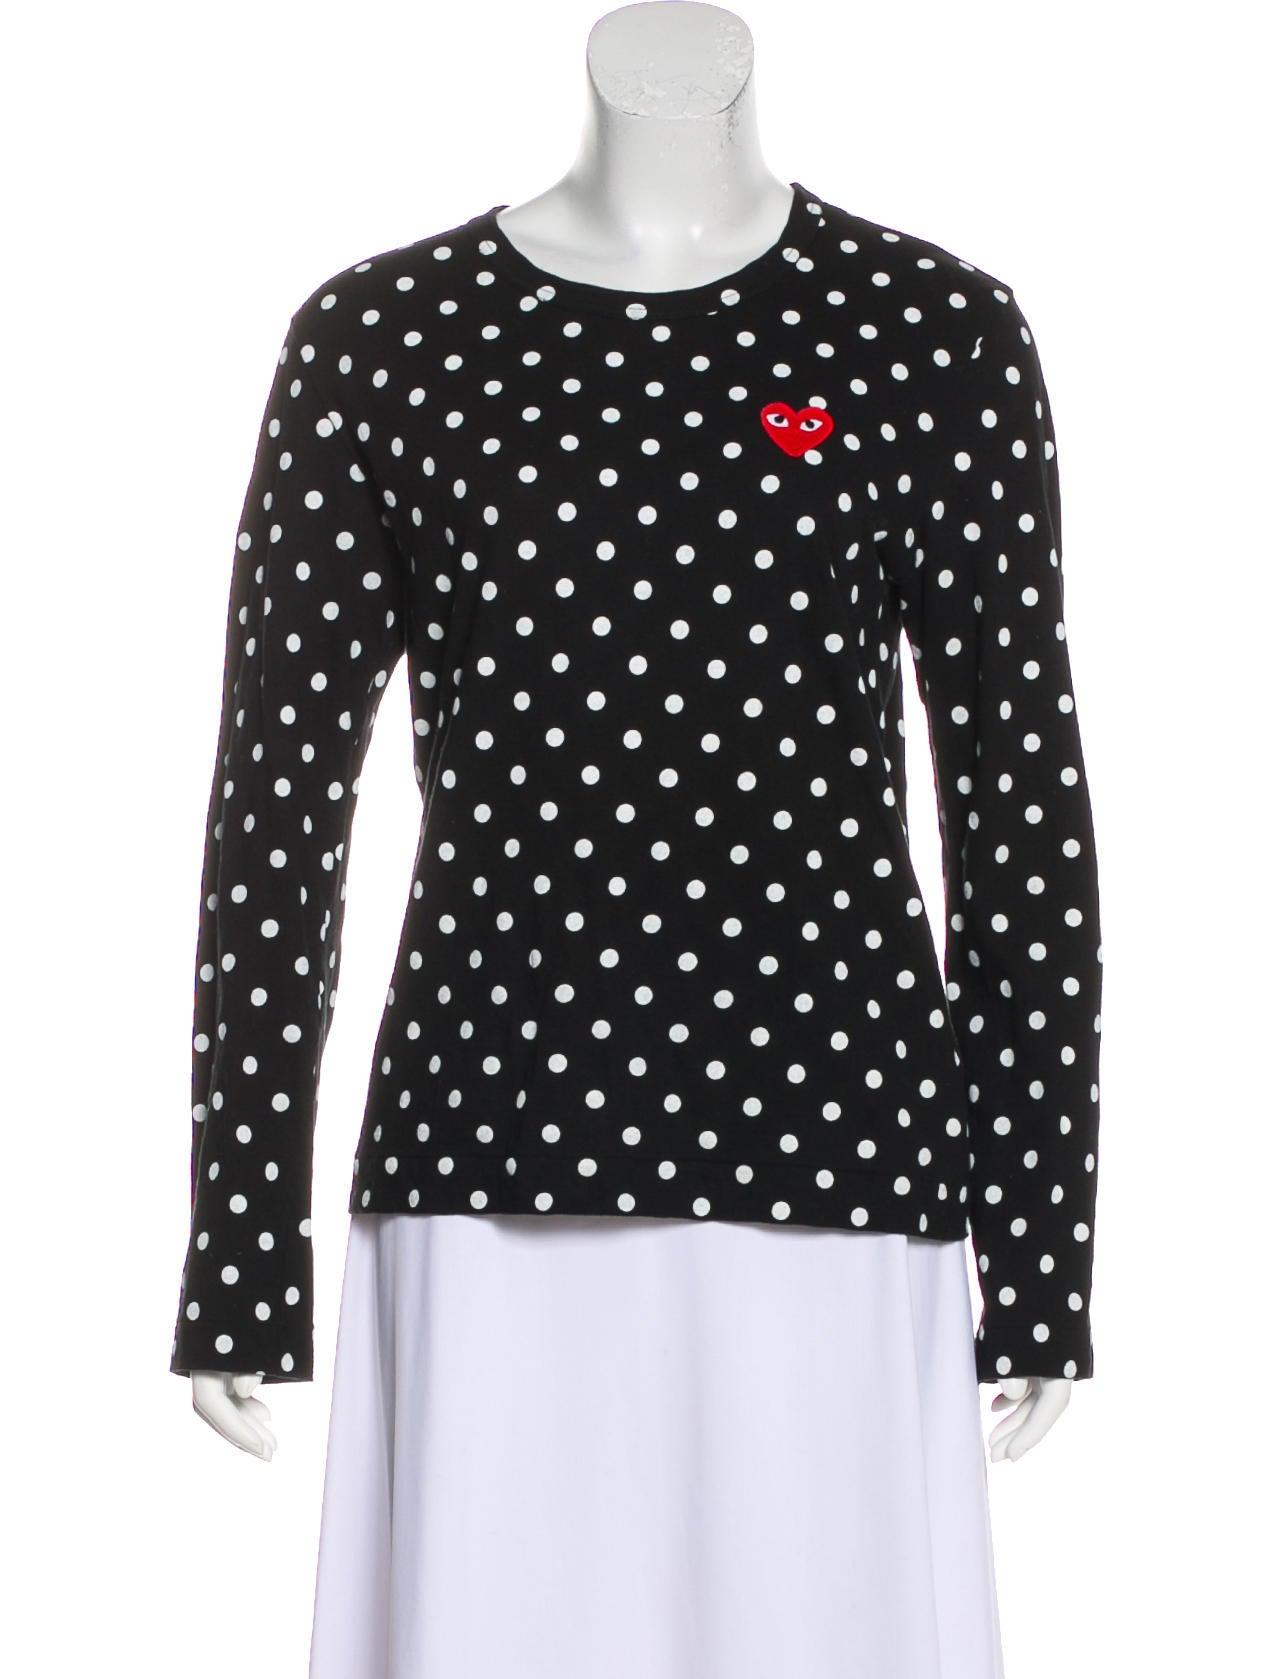 9f6cf3846ec Comme des Garçons Play Polka Dot Appliqué T-Shirt - Clothing ...